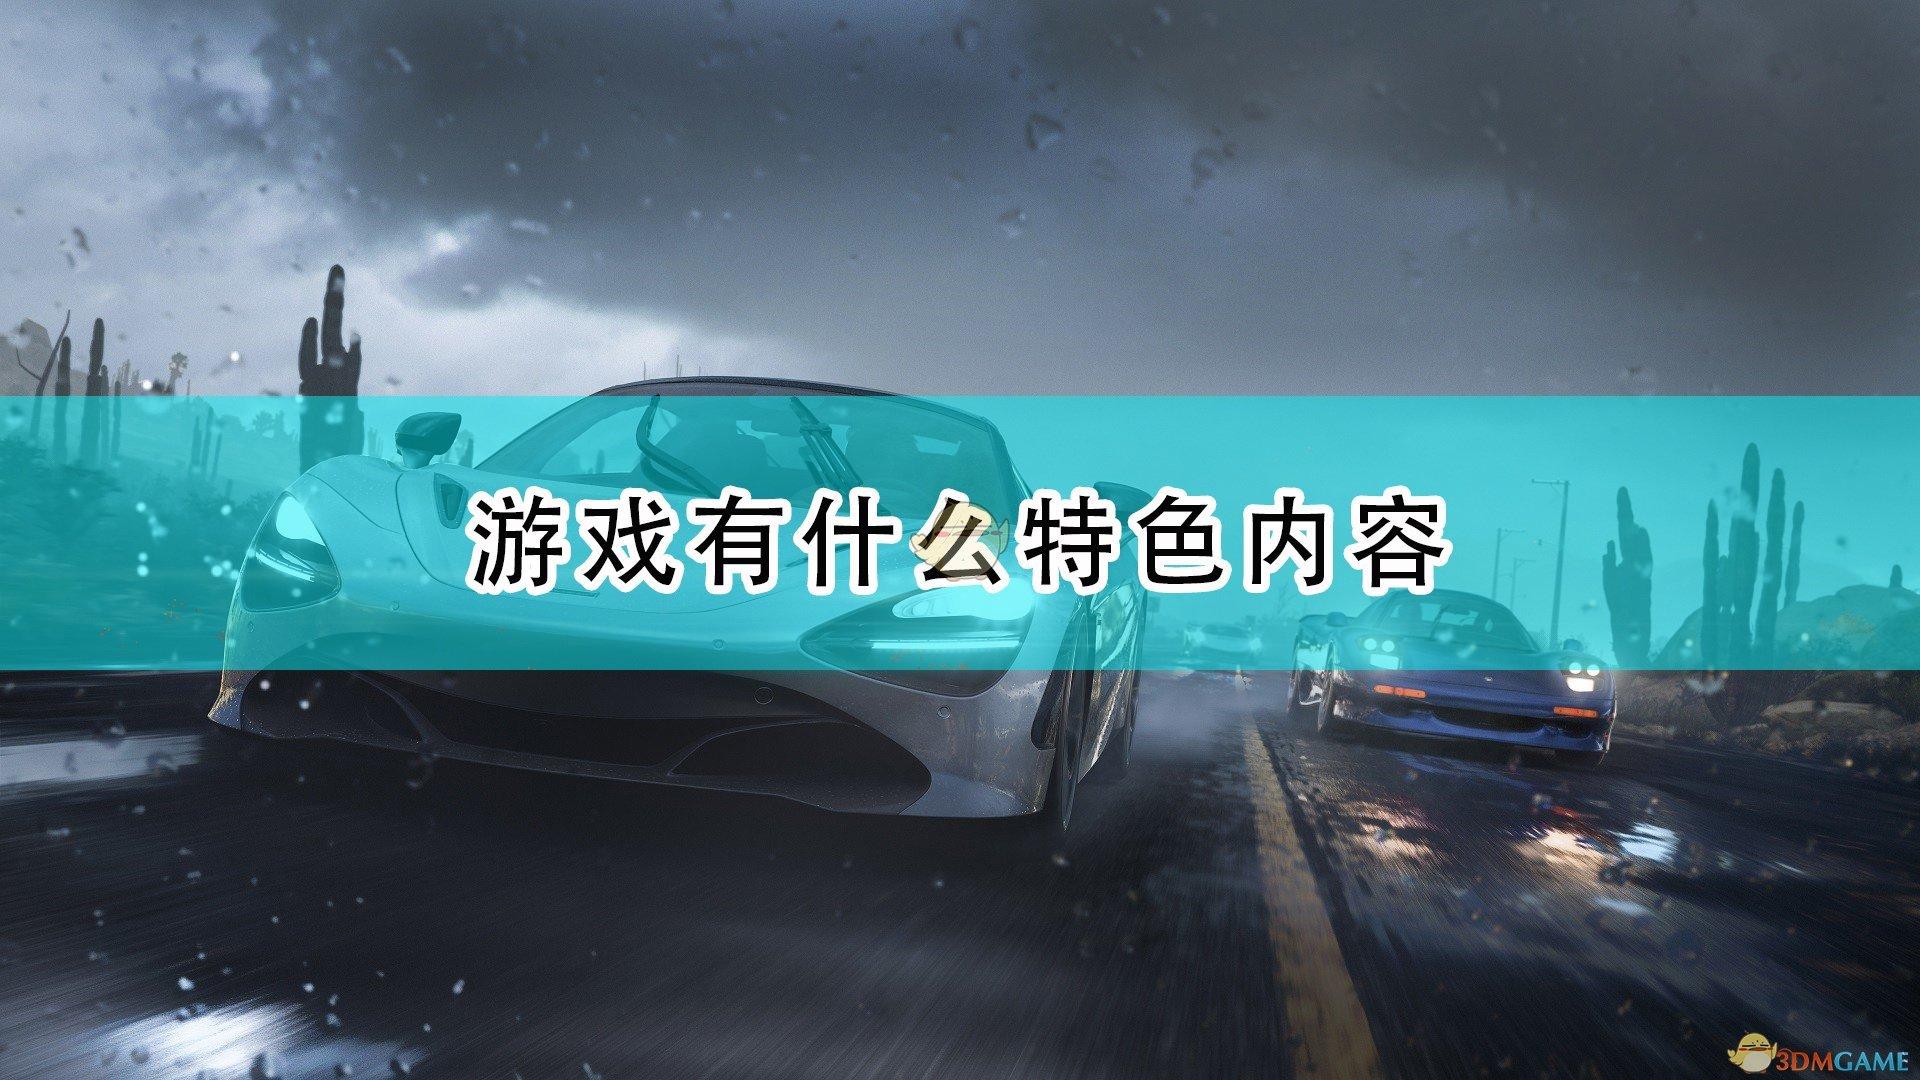 《极限竞速:地平线5》游戏特色内容介绍